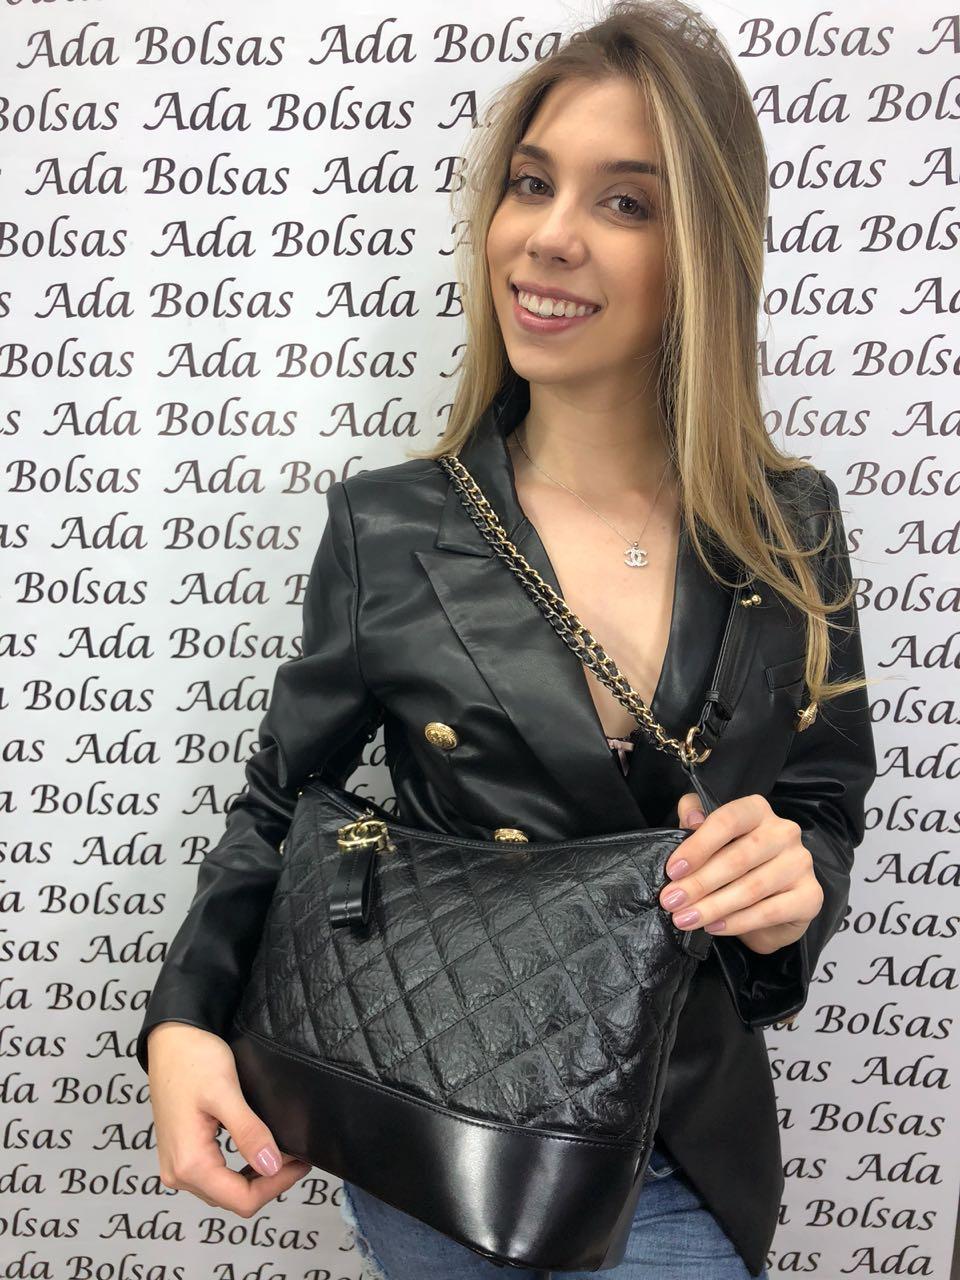 BOLSA 'HOBO GABRIELLE' RÉPLICA PREMIUM